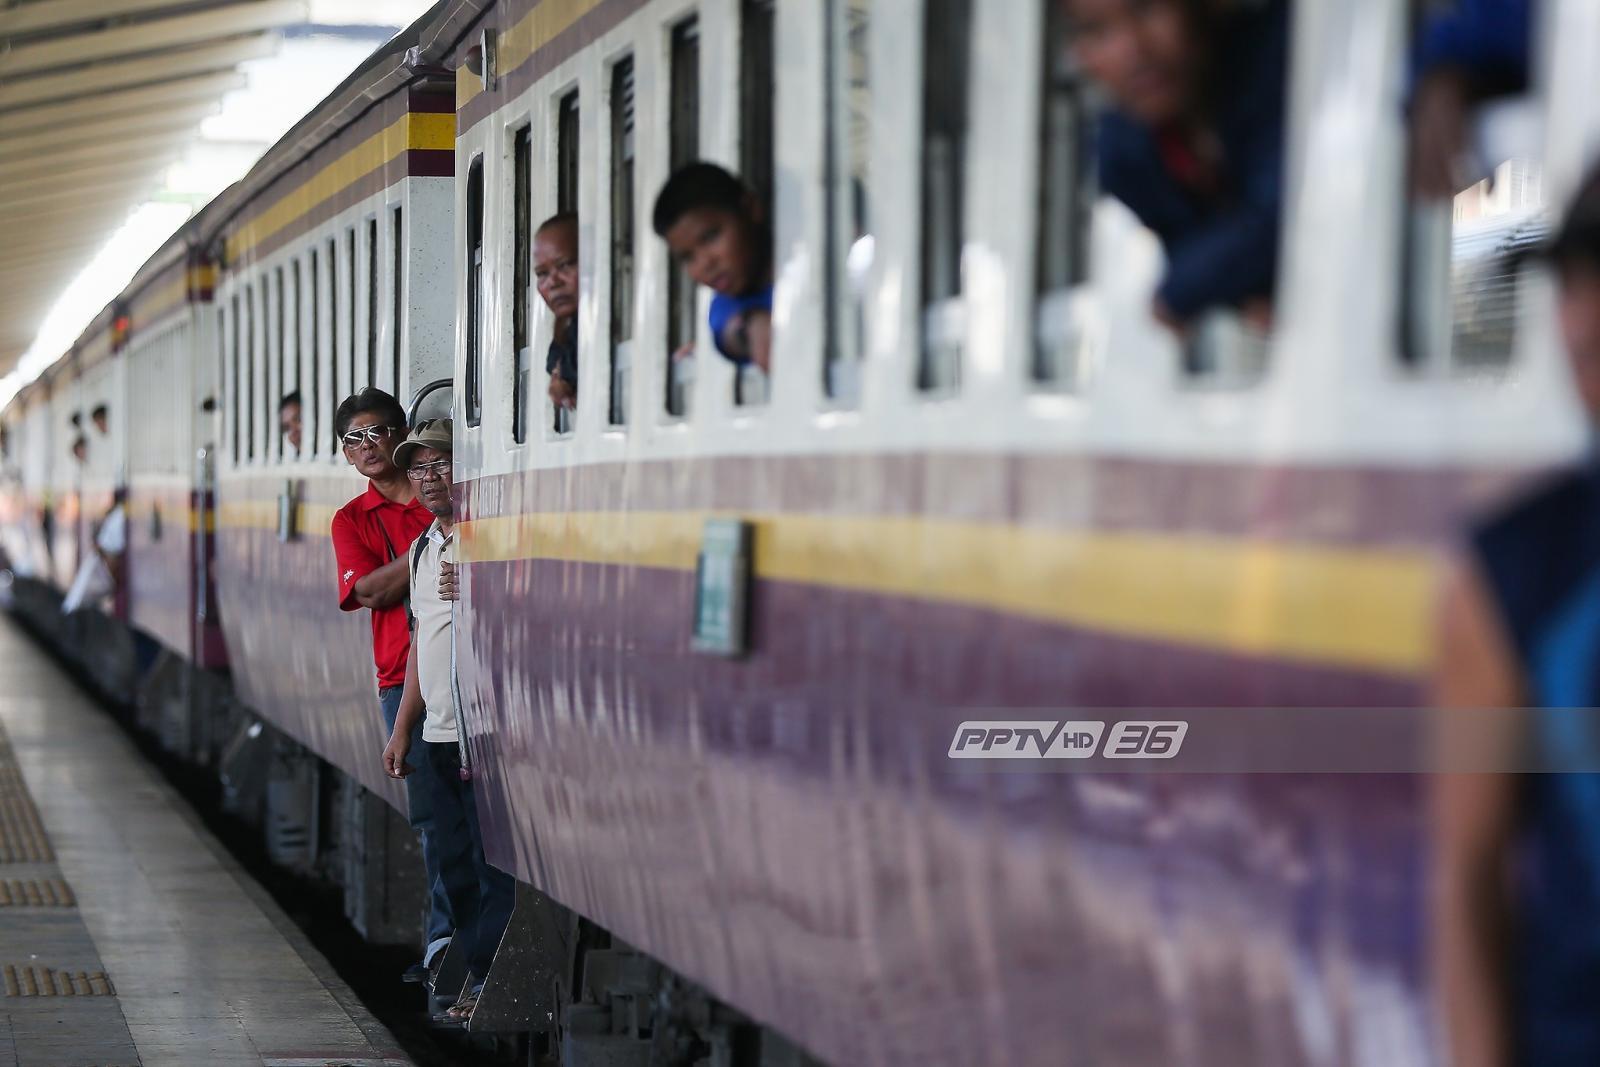 การรถไฟฯ สรุปยอดผู้ใช้บริการช่วงปีใหม่กว่า 6 แสนคน